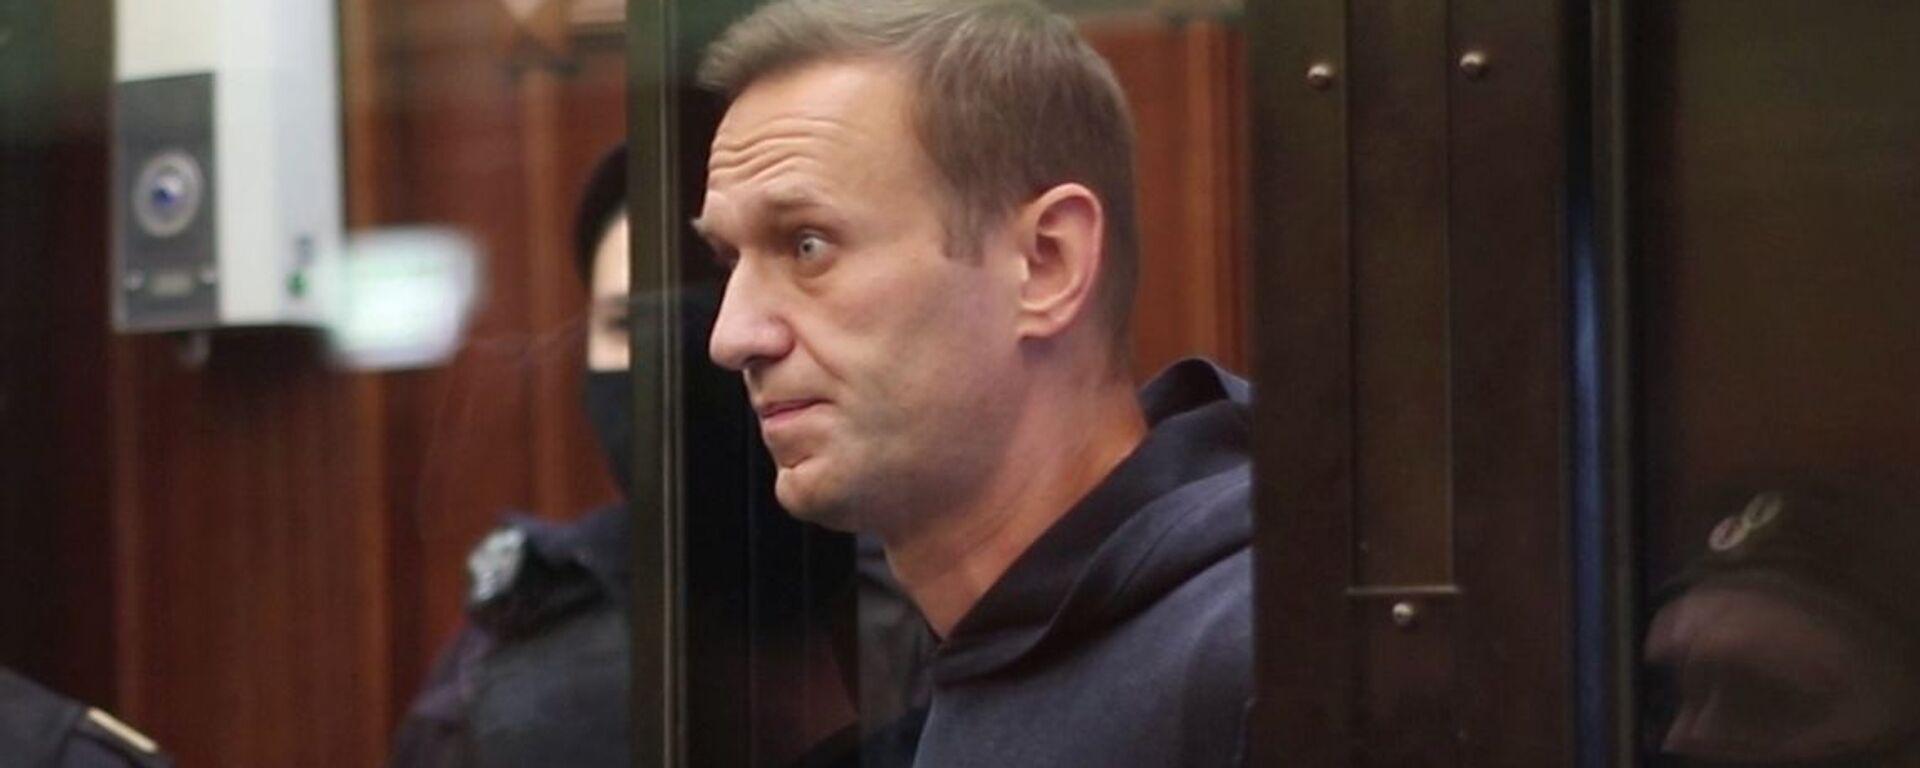 El bloguero opositor ruso, Alexéi Navalni - Sputnik Mundo, 1920, 05.02.2021